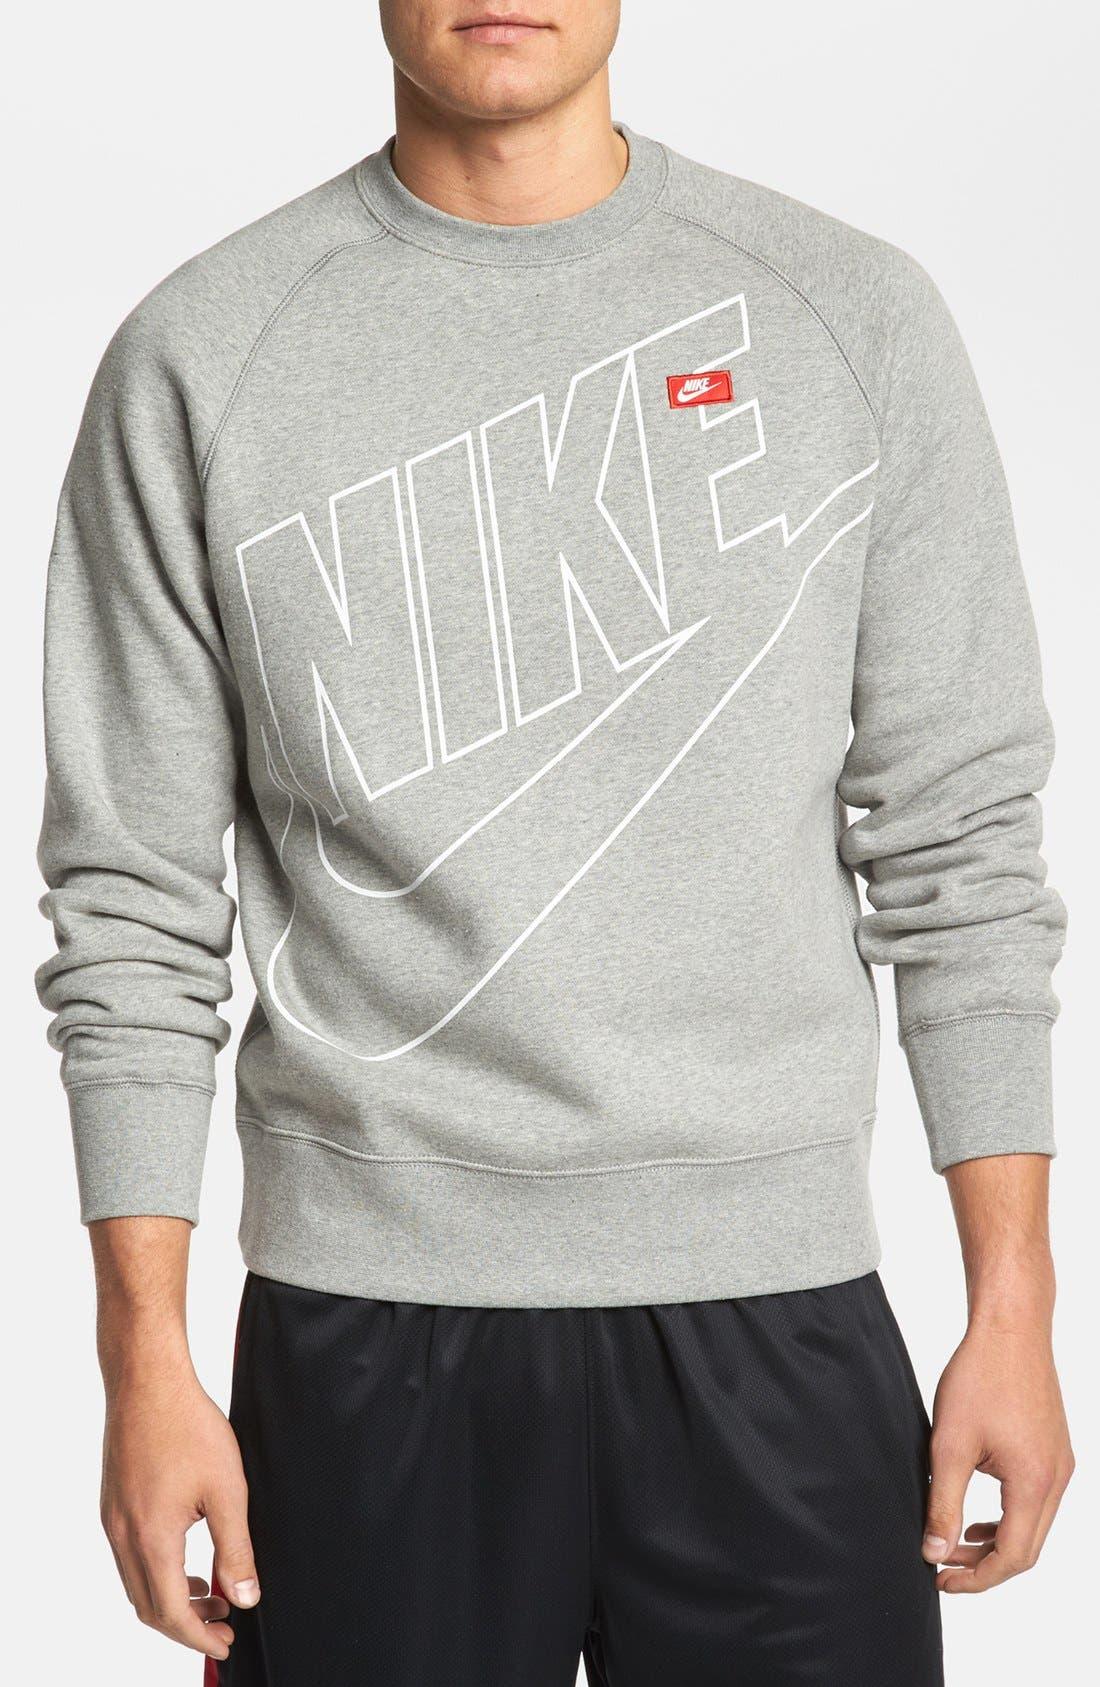 Alternate Image 1 Selected - Nike 'Ace' Fleece Crewneck Sweatshirt